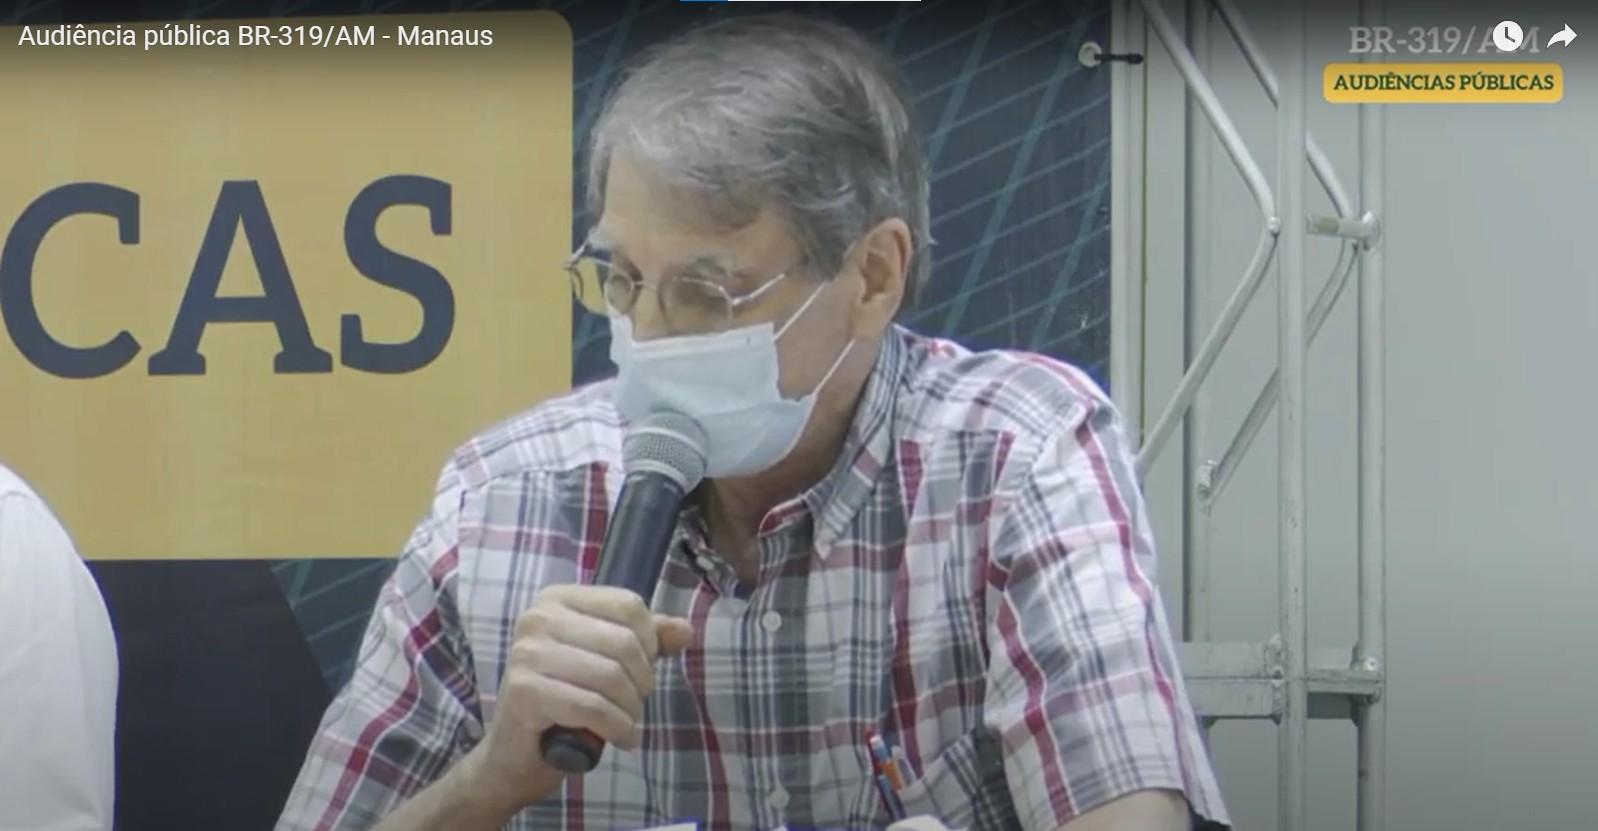 Pesquisador do Inpa é alvo de ataque xenófobo em audiência pública sobre a BR-319 no Amazonas